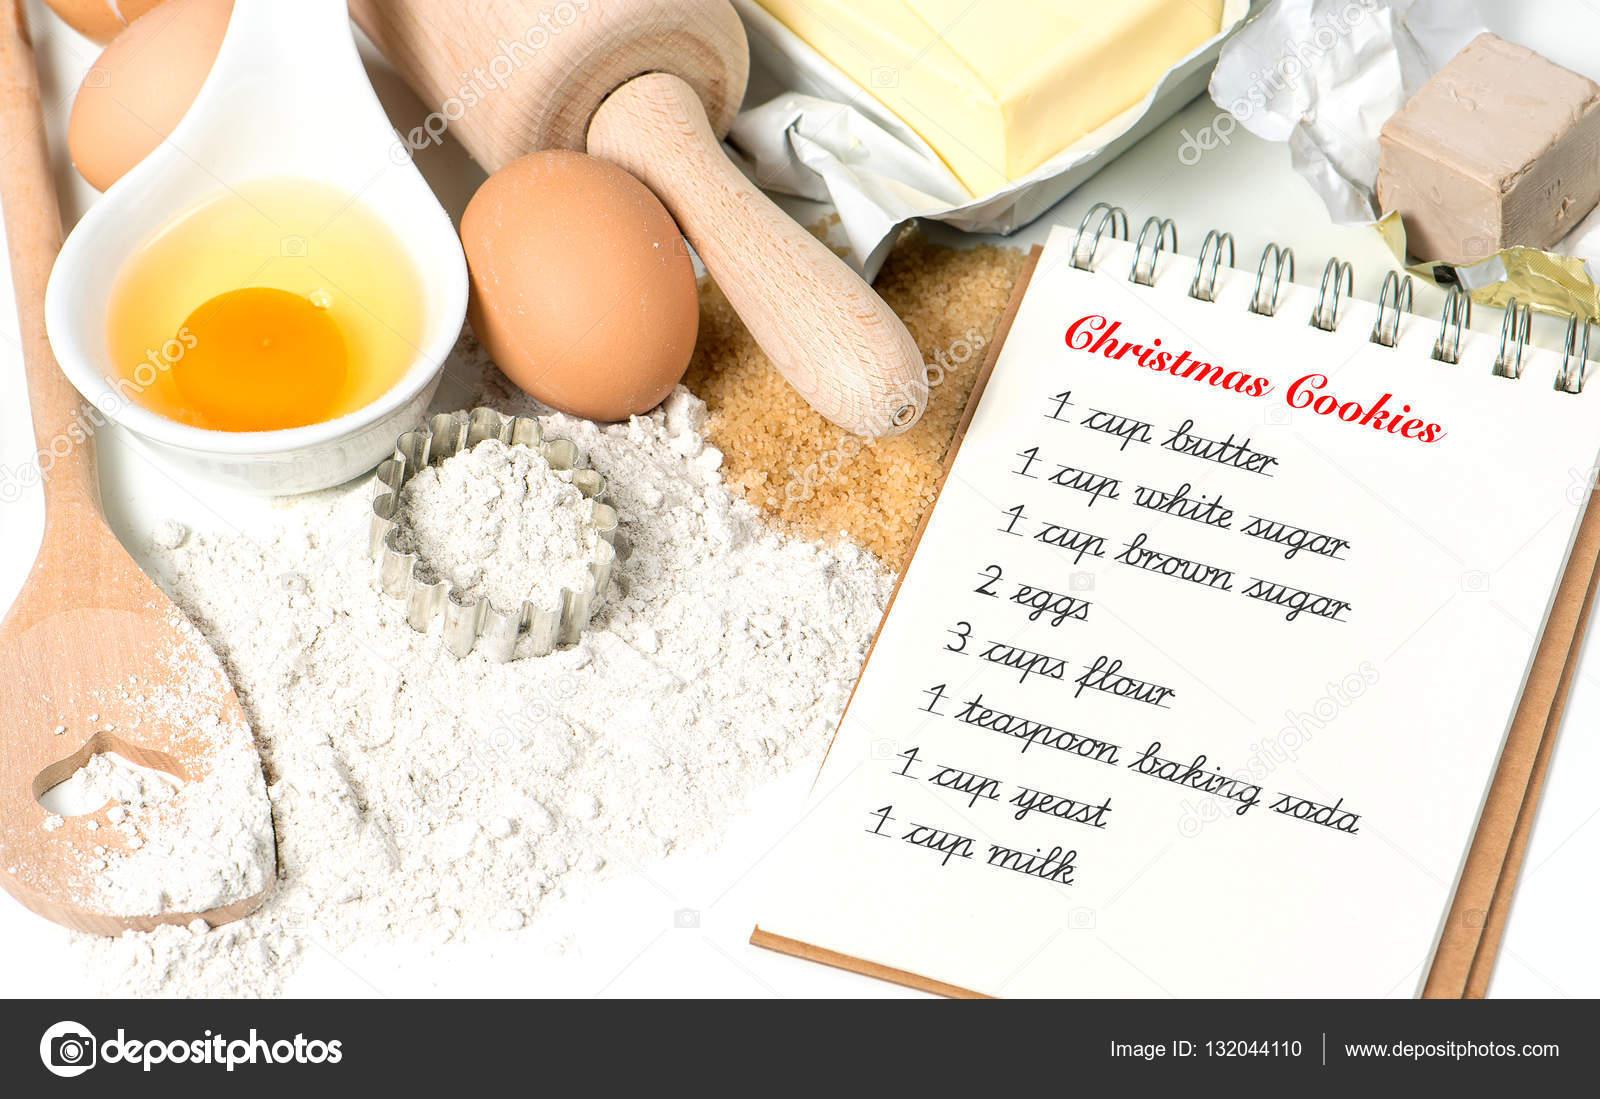 Weihnachtsplätzchen Zutaten.Weihnachtsplätzchen Backen Zutaten Essen Hintergrund Rezept